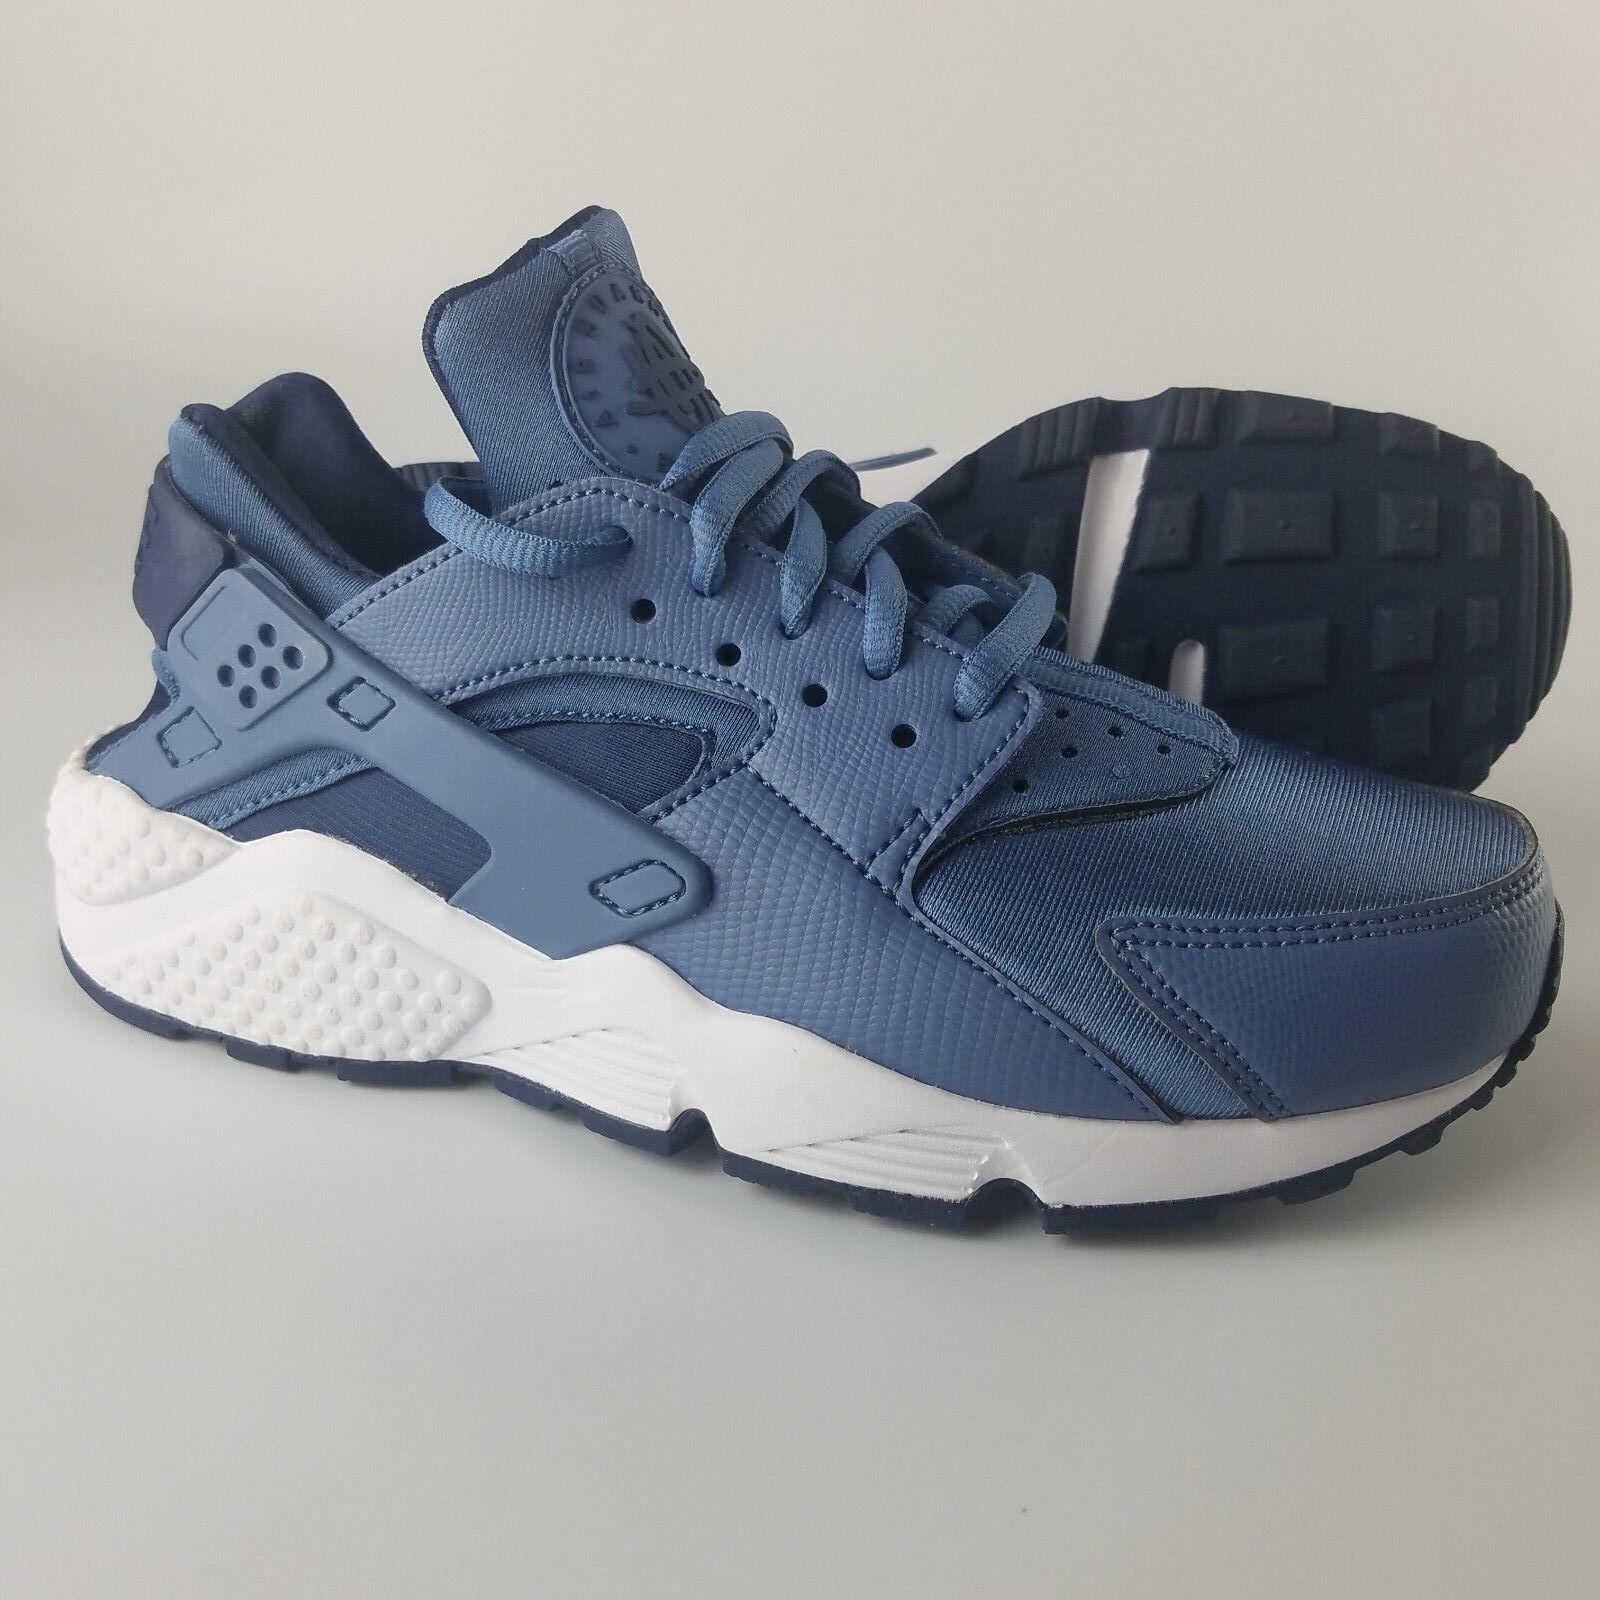 Nike Air Huarache Run Shoes Women's Size 6.5 White Ocean Fog Midnight Navy White 6.5 bb6ddf